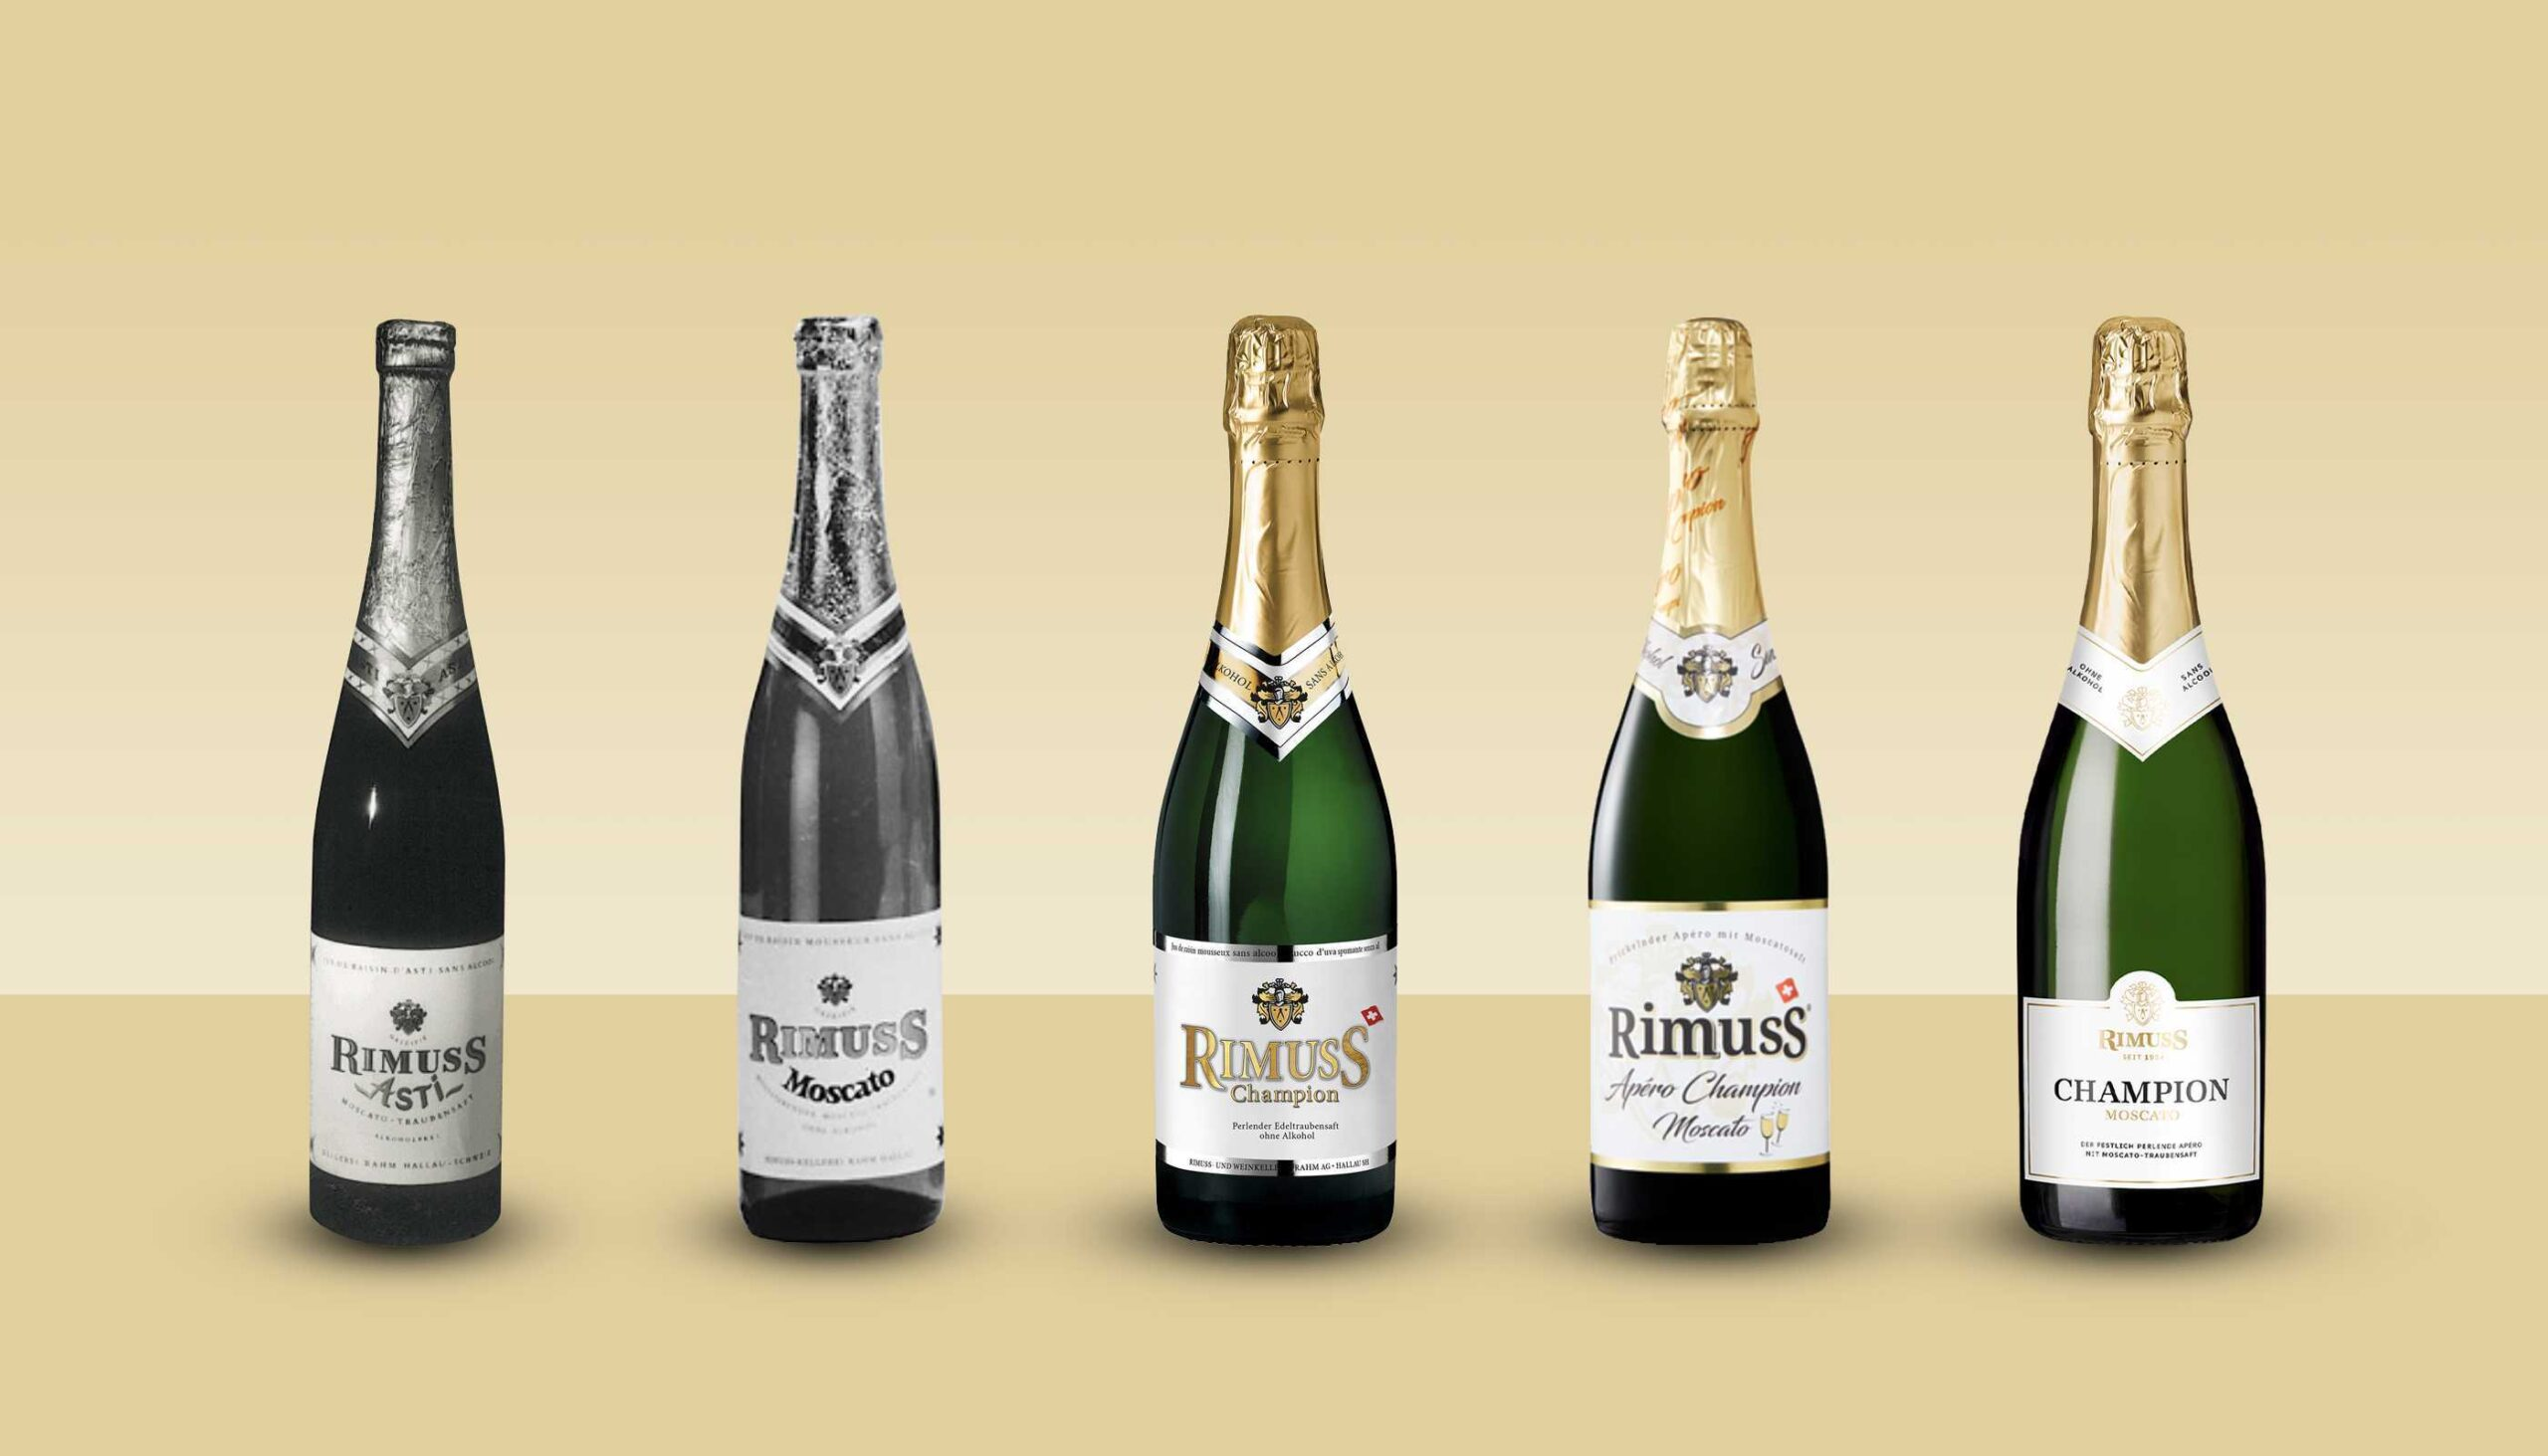 Die Entwicklung des Flaschendesigns beim Rimuss Champion Moscato